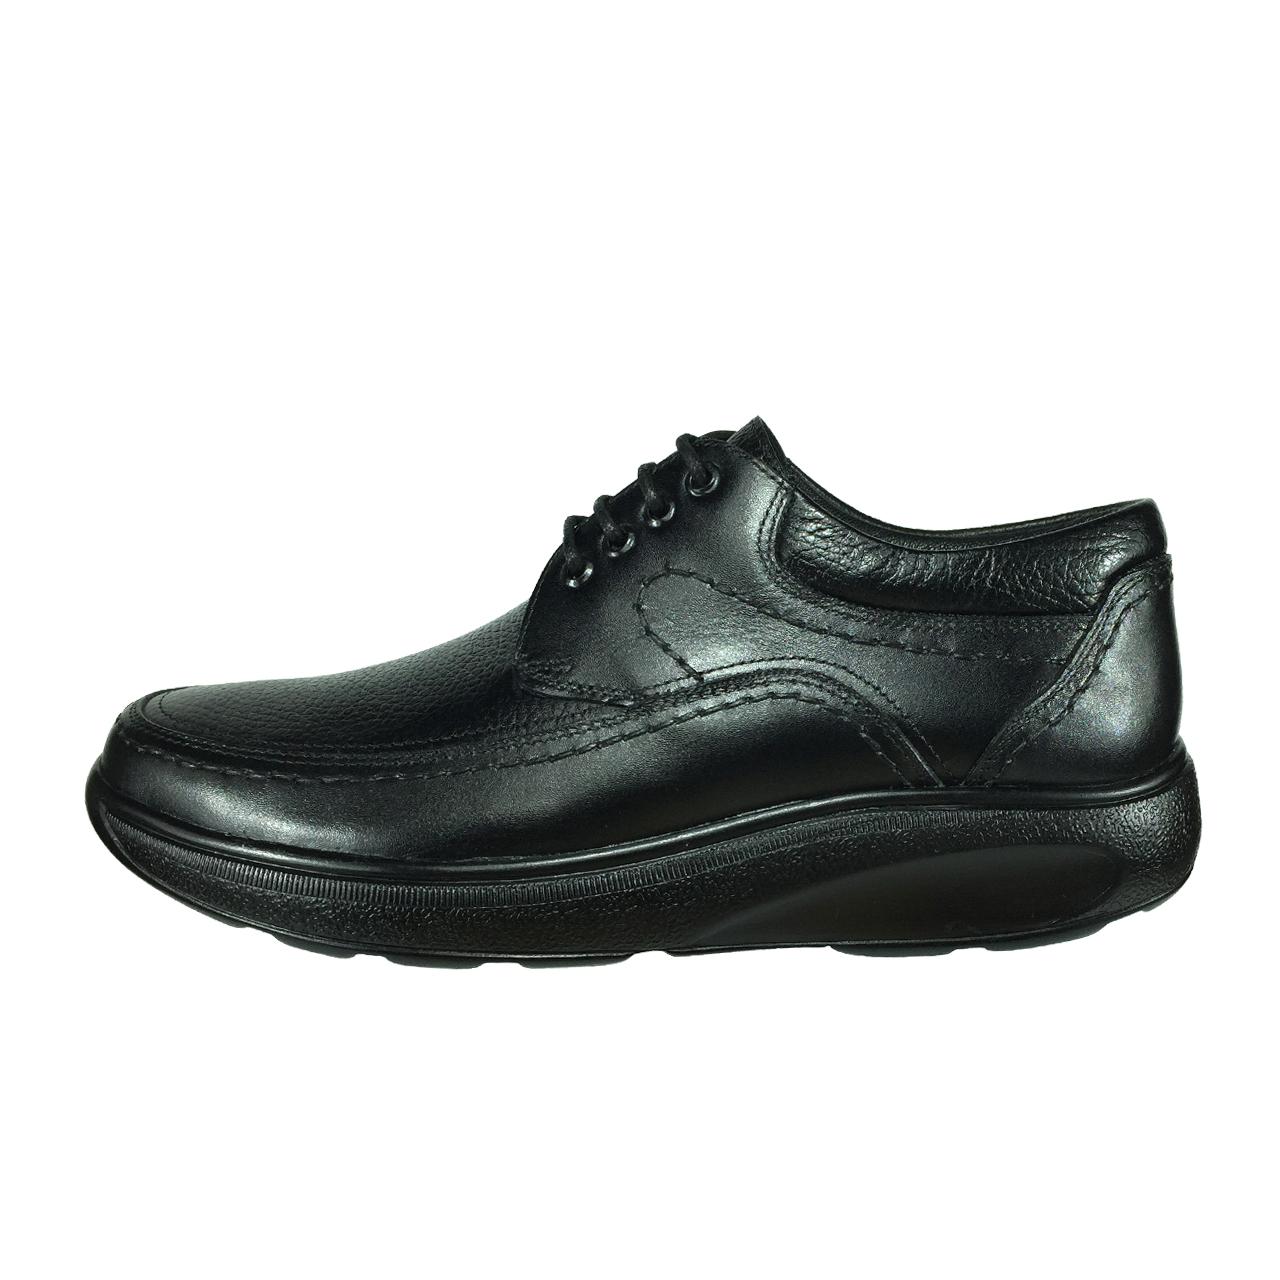 قیمت کفش طبی مردانه پاریس جامه مدل B491 رنگ مشکی